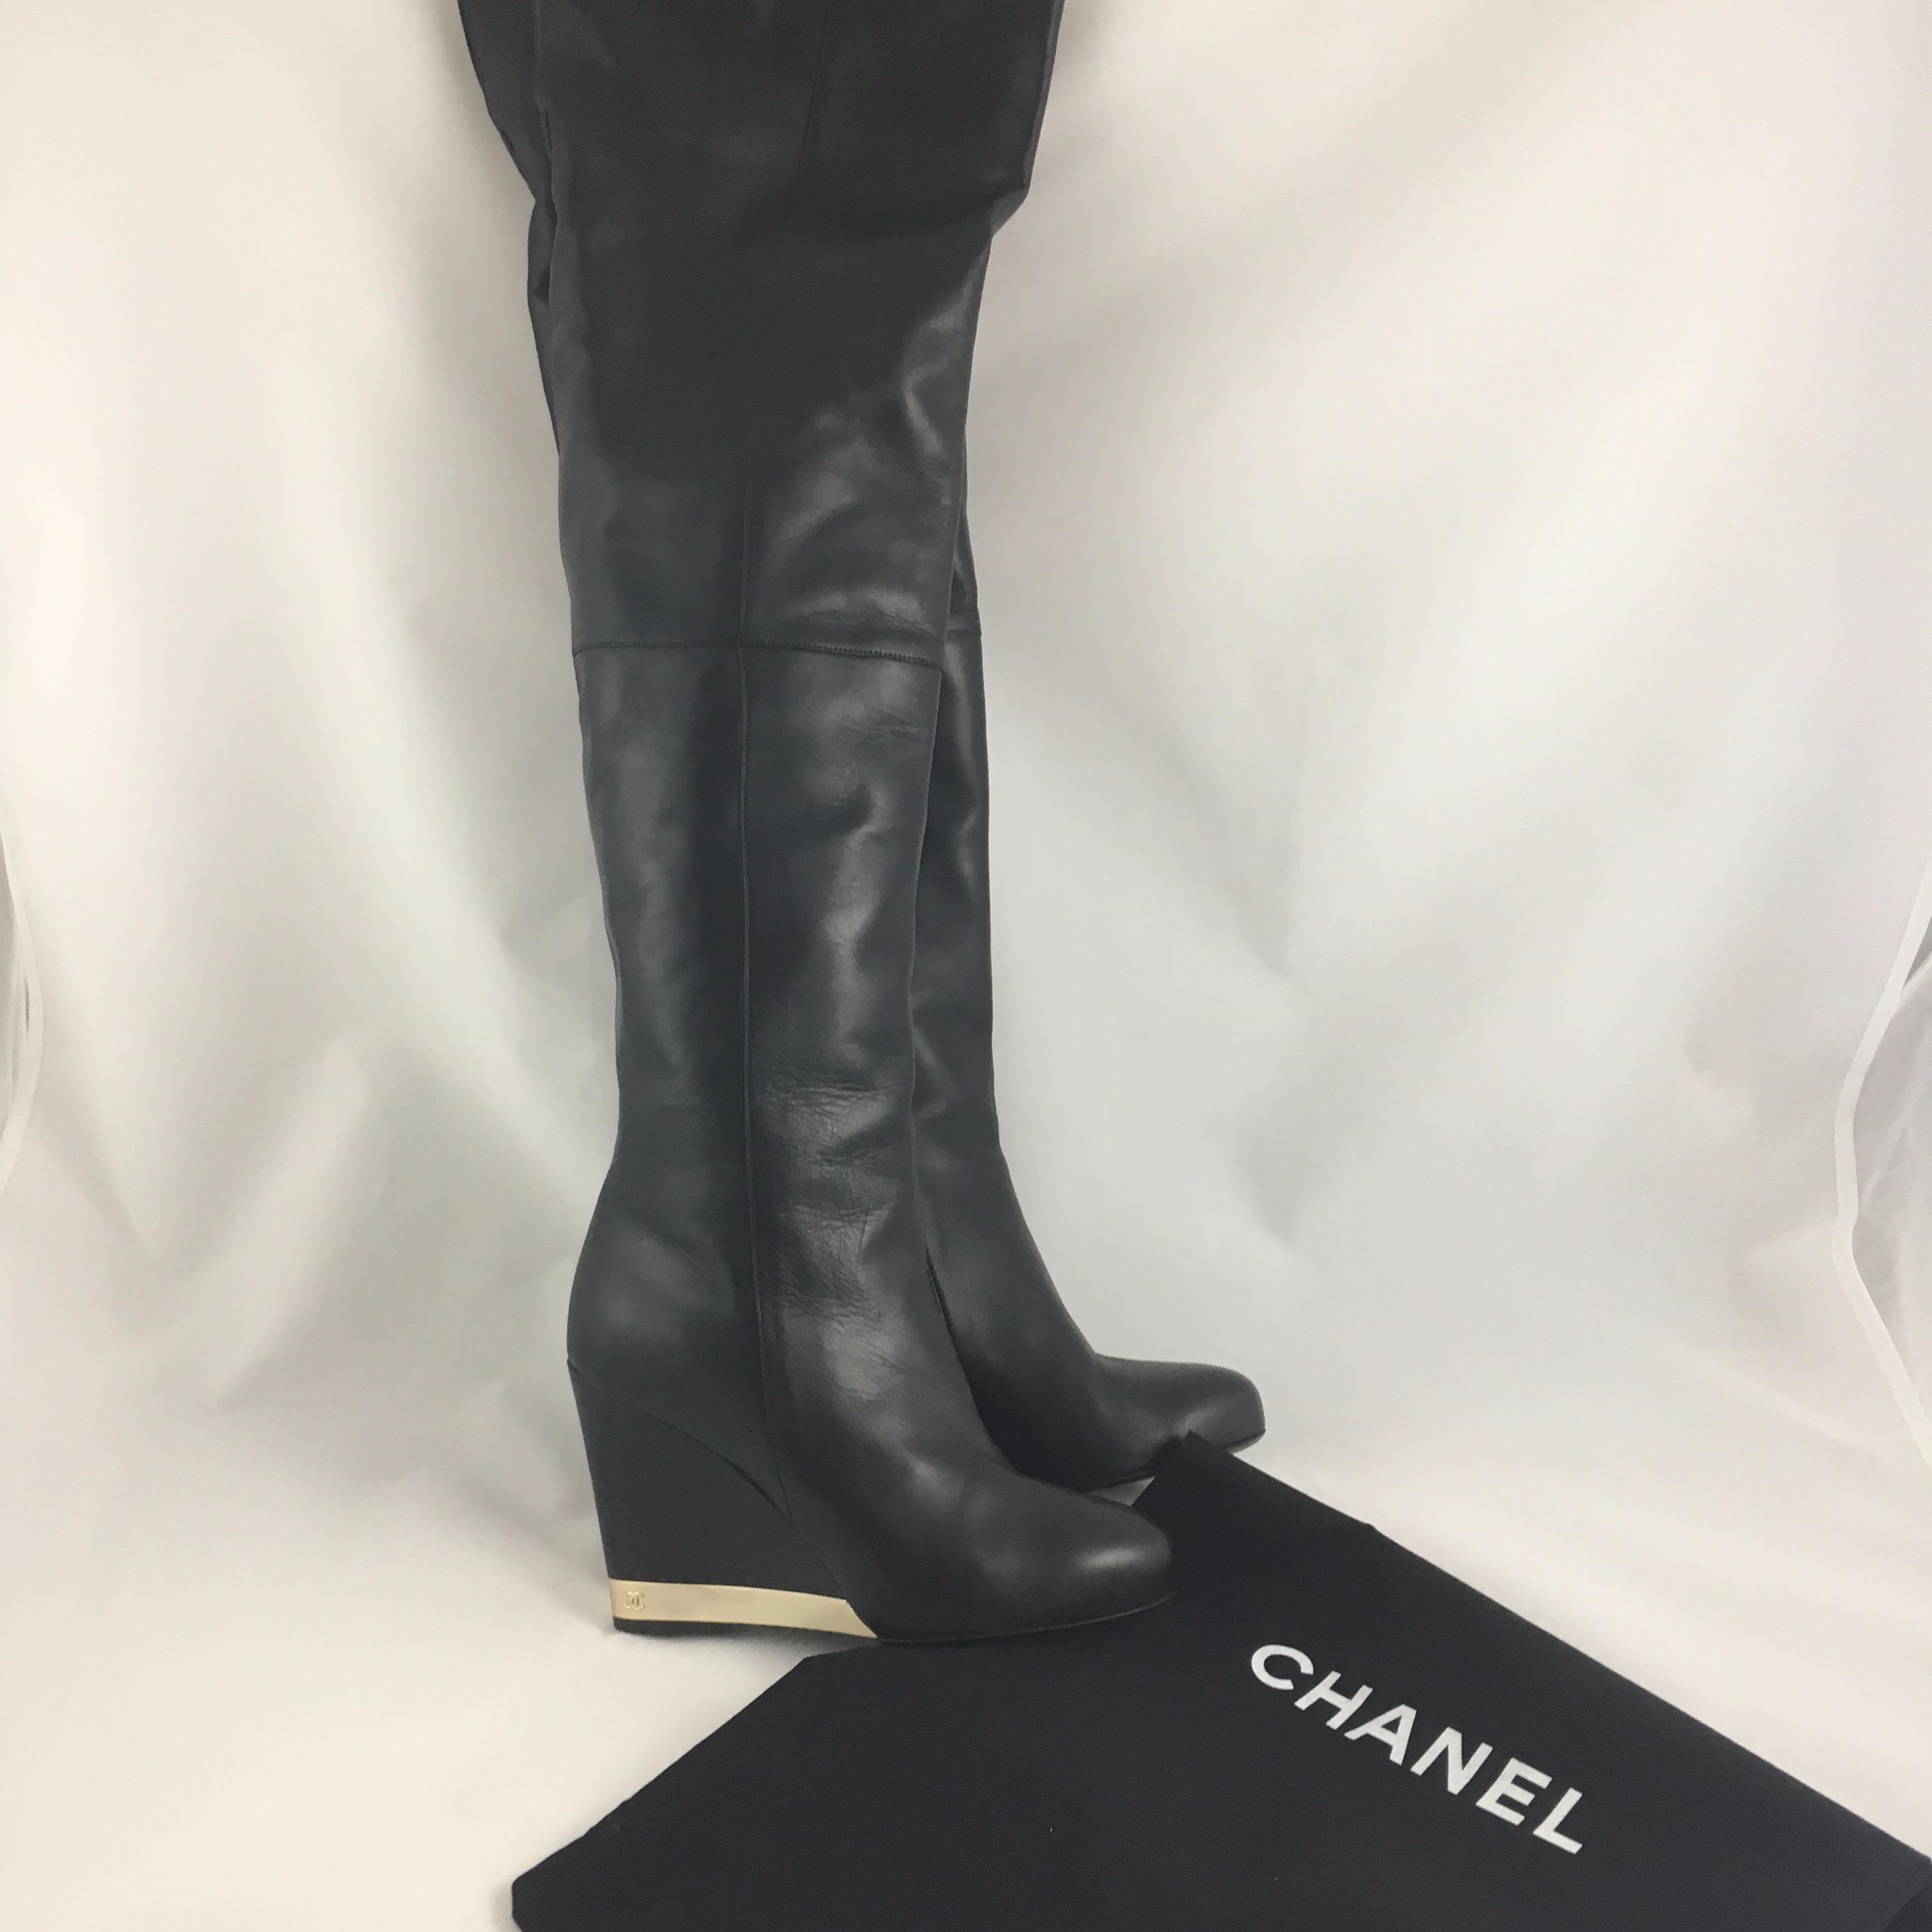 5dcd87856805 Купить сапоги Chanel за 28000 руб. в интернет магазине - бутике с ...